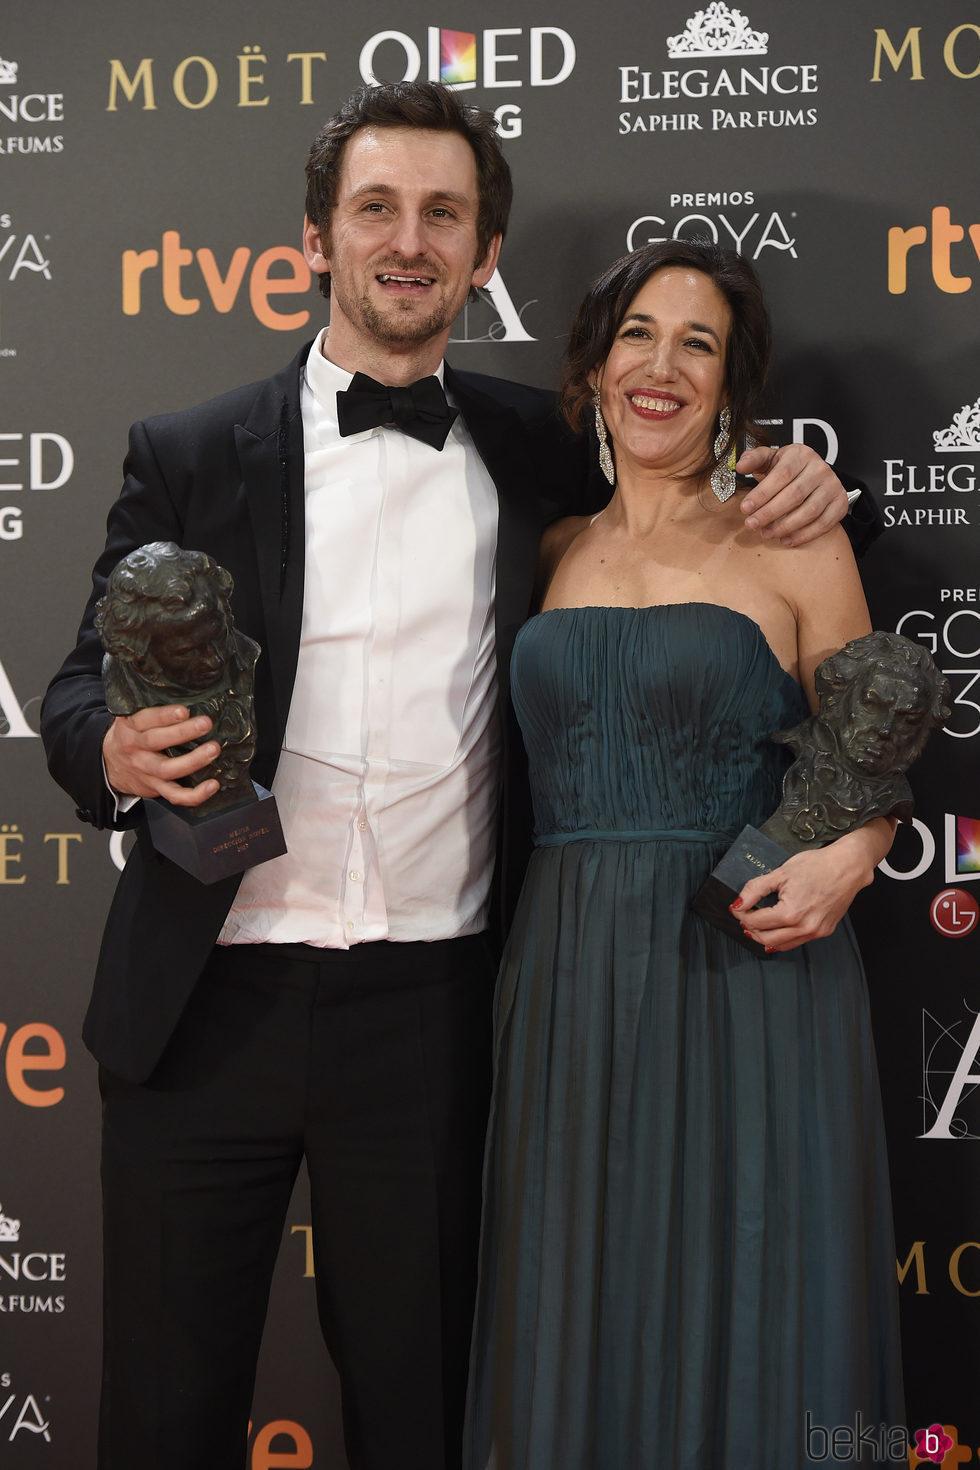 Raúl Arévalo y Beatriz Bodegas con su Goya a Mejor Película